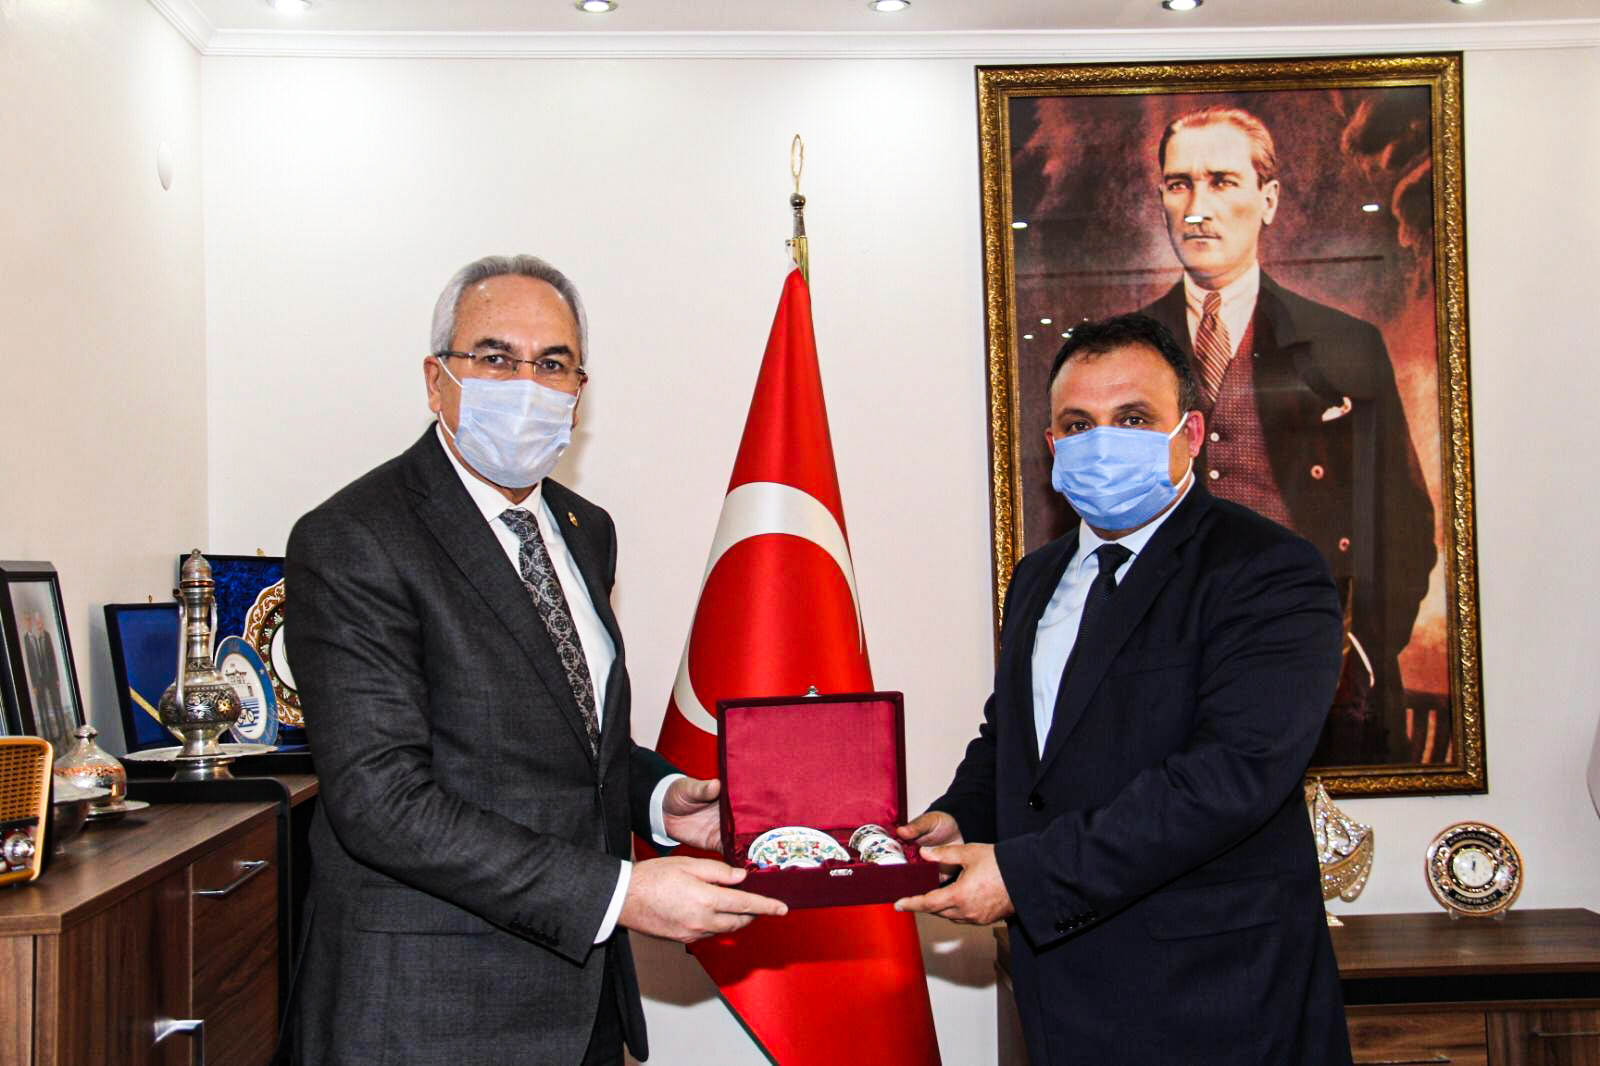 Ak Parti Antalya Milletvekilimiz Sn. İbrahim Aydın ve Prof. Dr. Sn. Bayram Akça Belediye Başkanımızı Ziyarette Bulundu